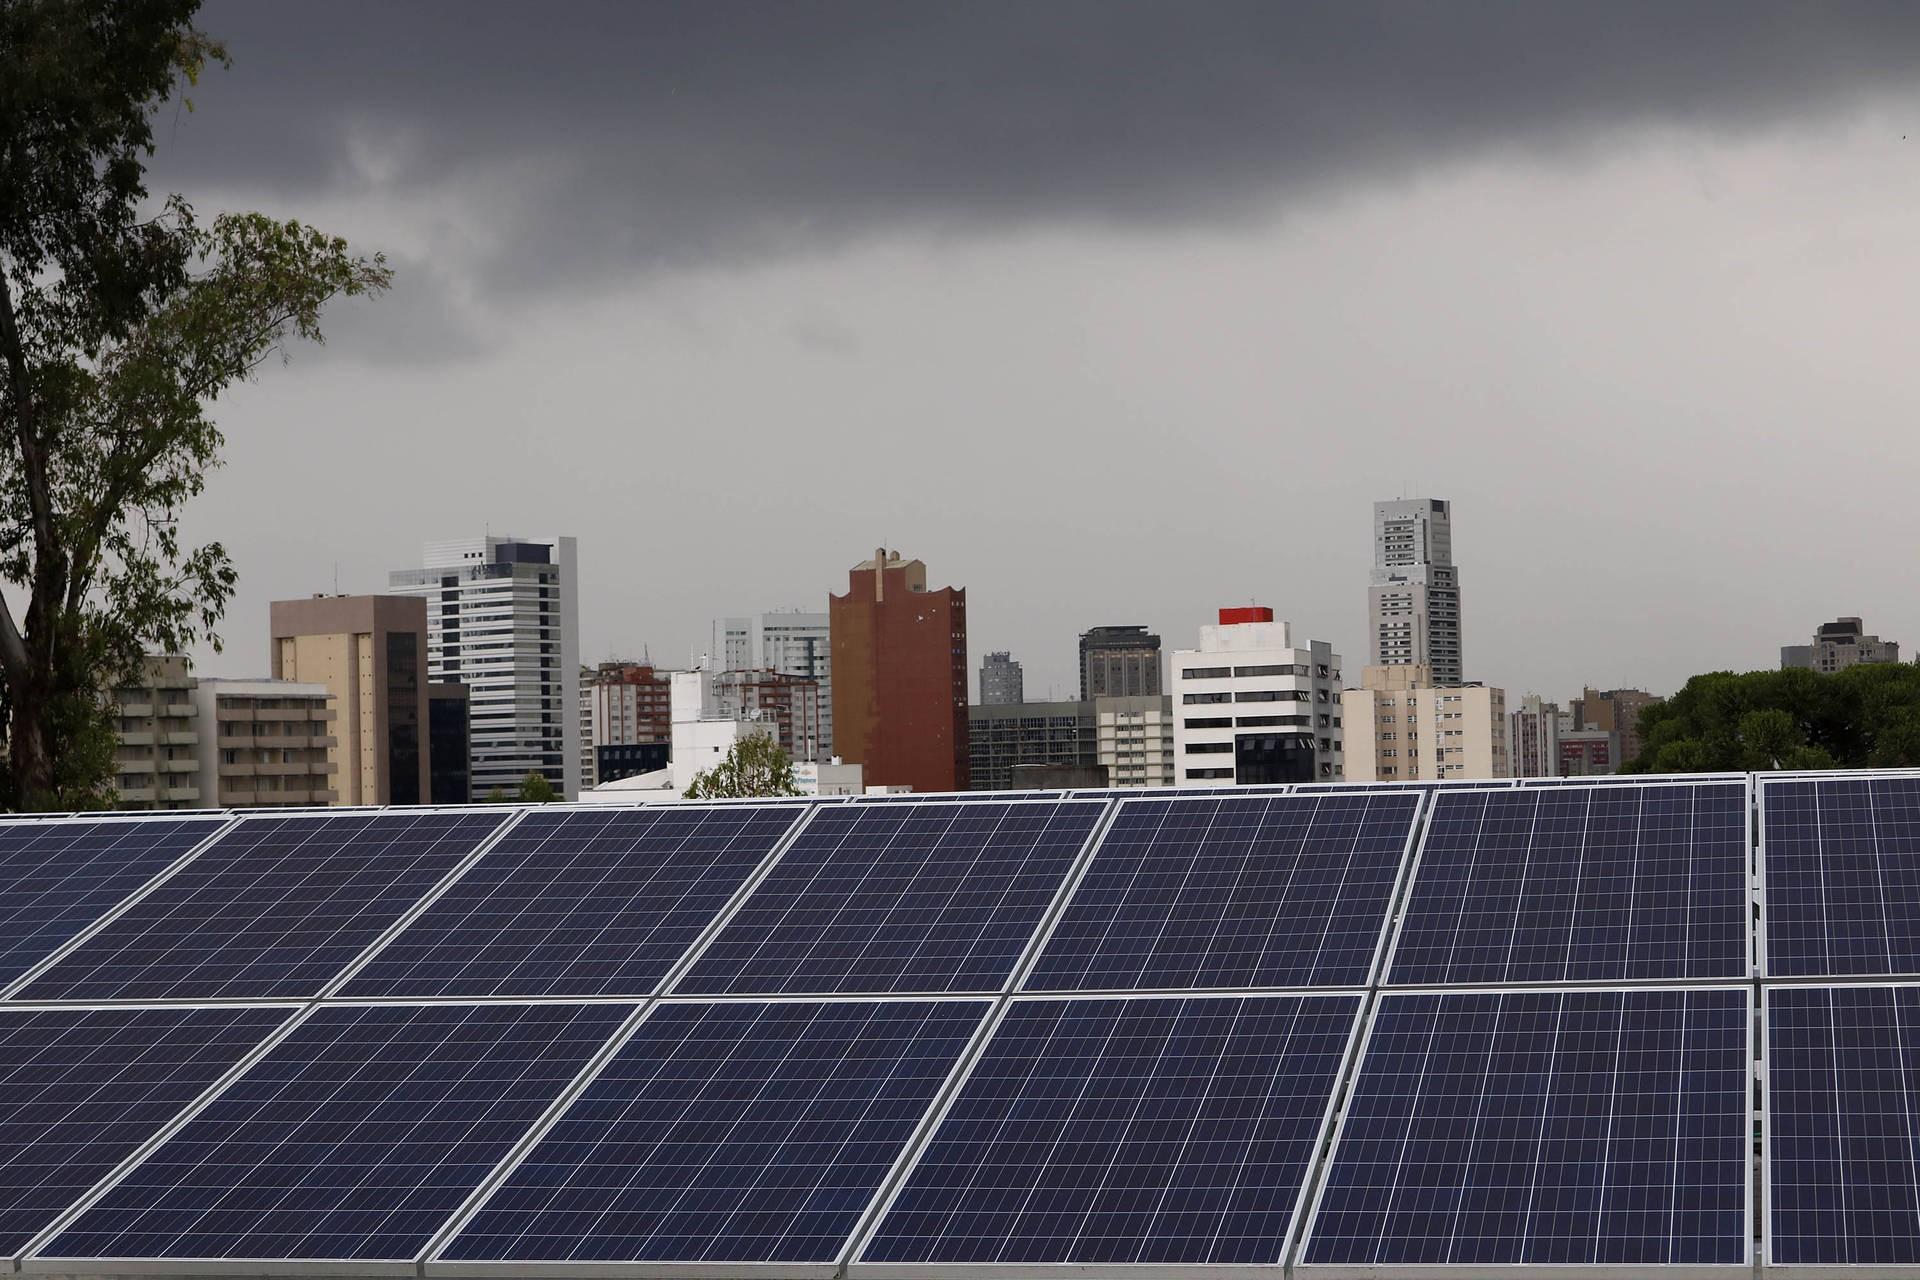 Brasil deverá ter salto de 44% nas instalações de energia solar aponta Absolar